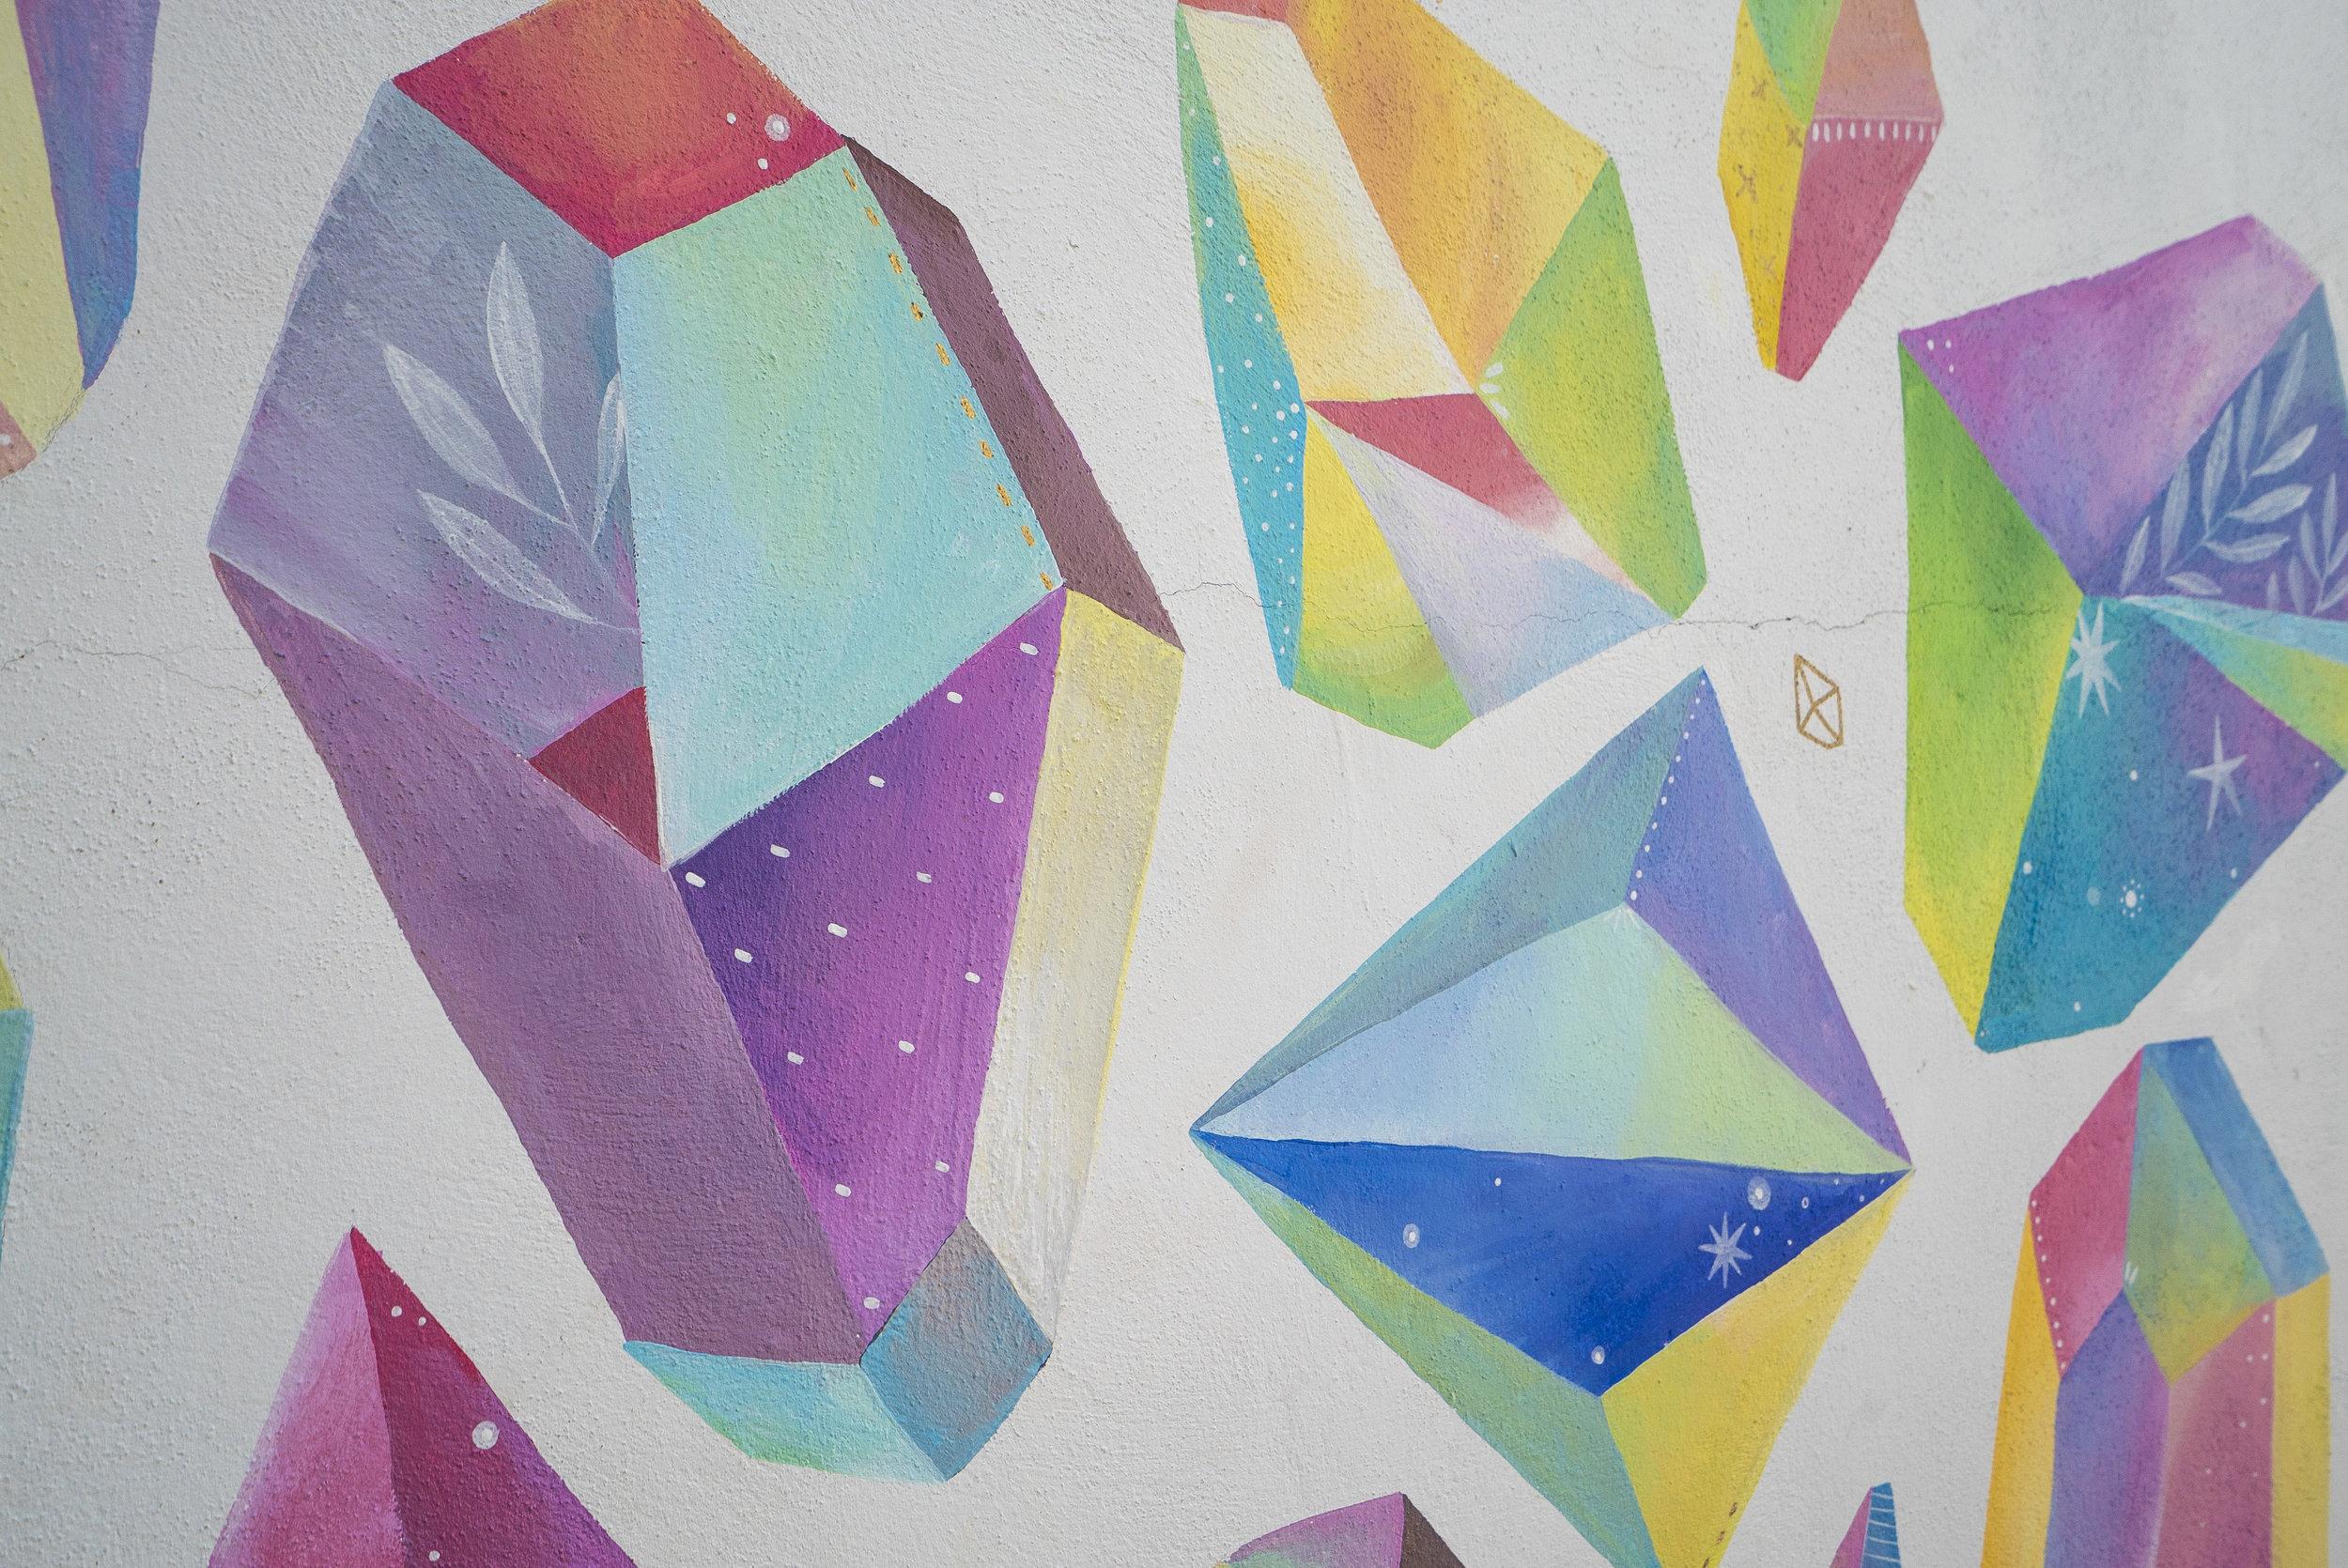 Ana Vicky Mural-8241.jpg